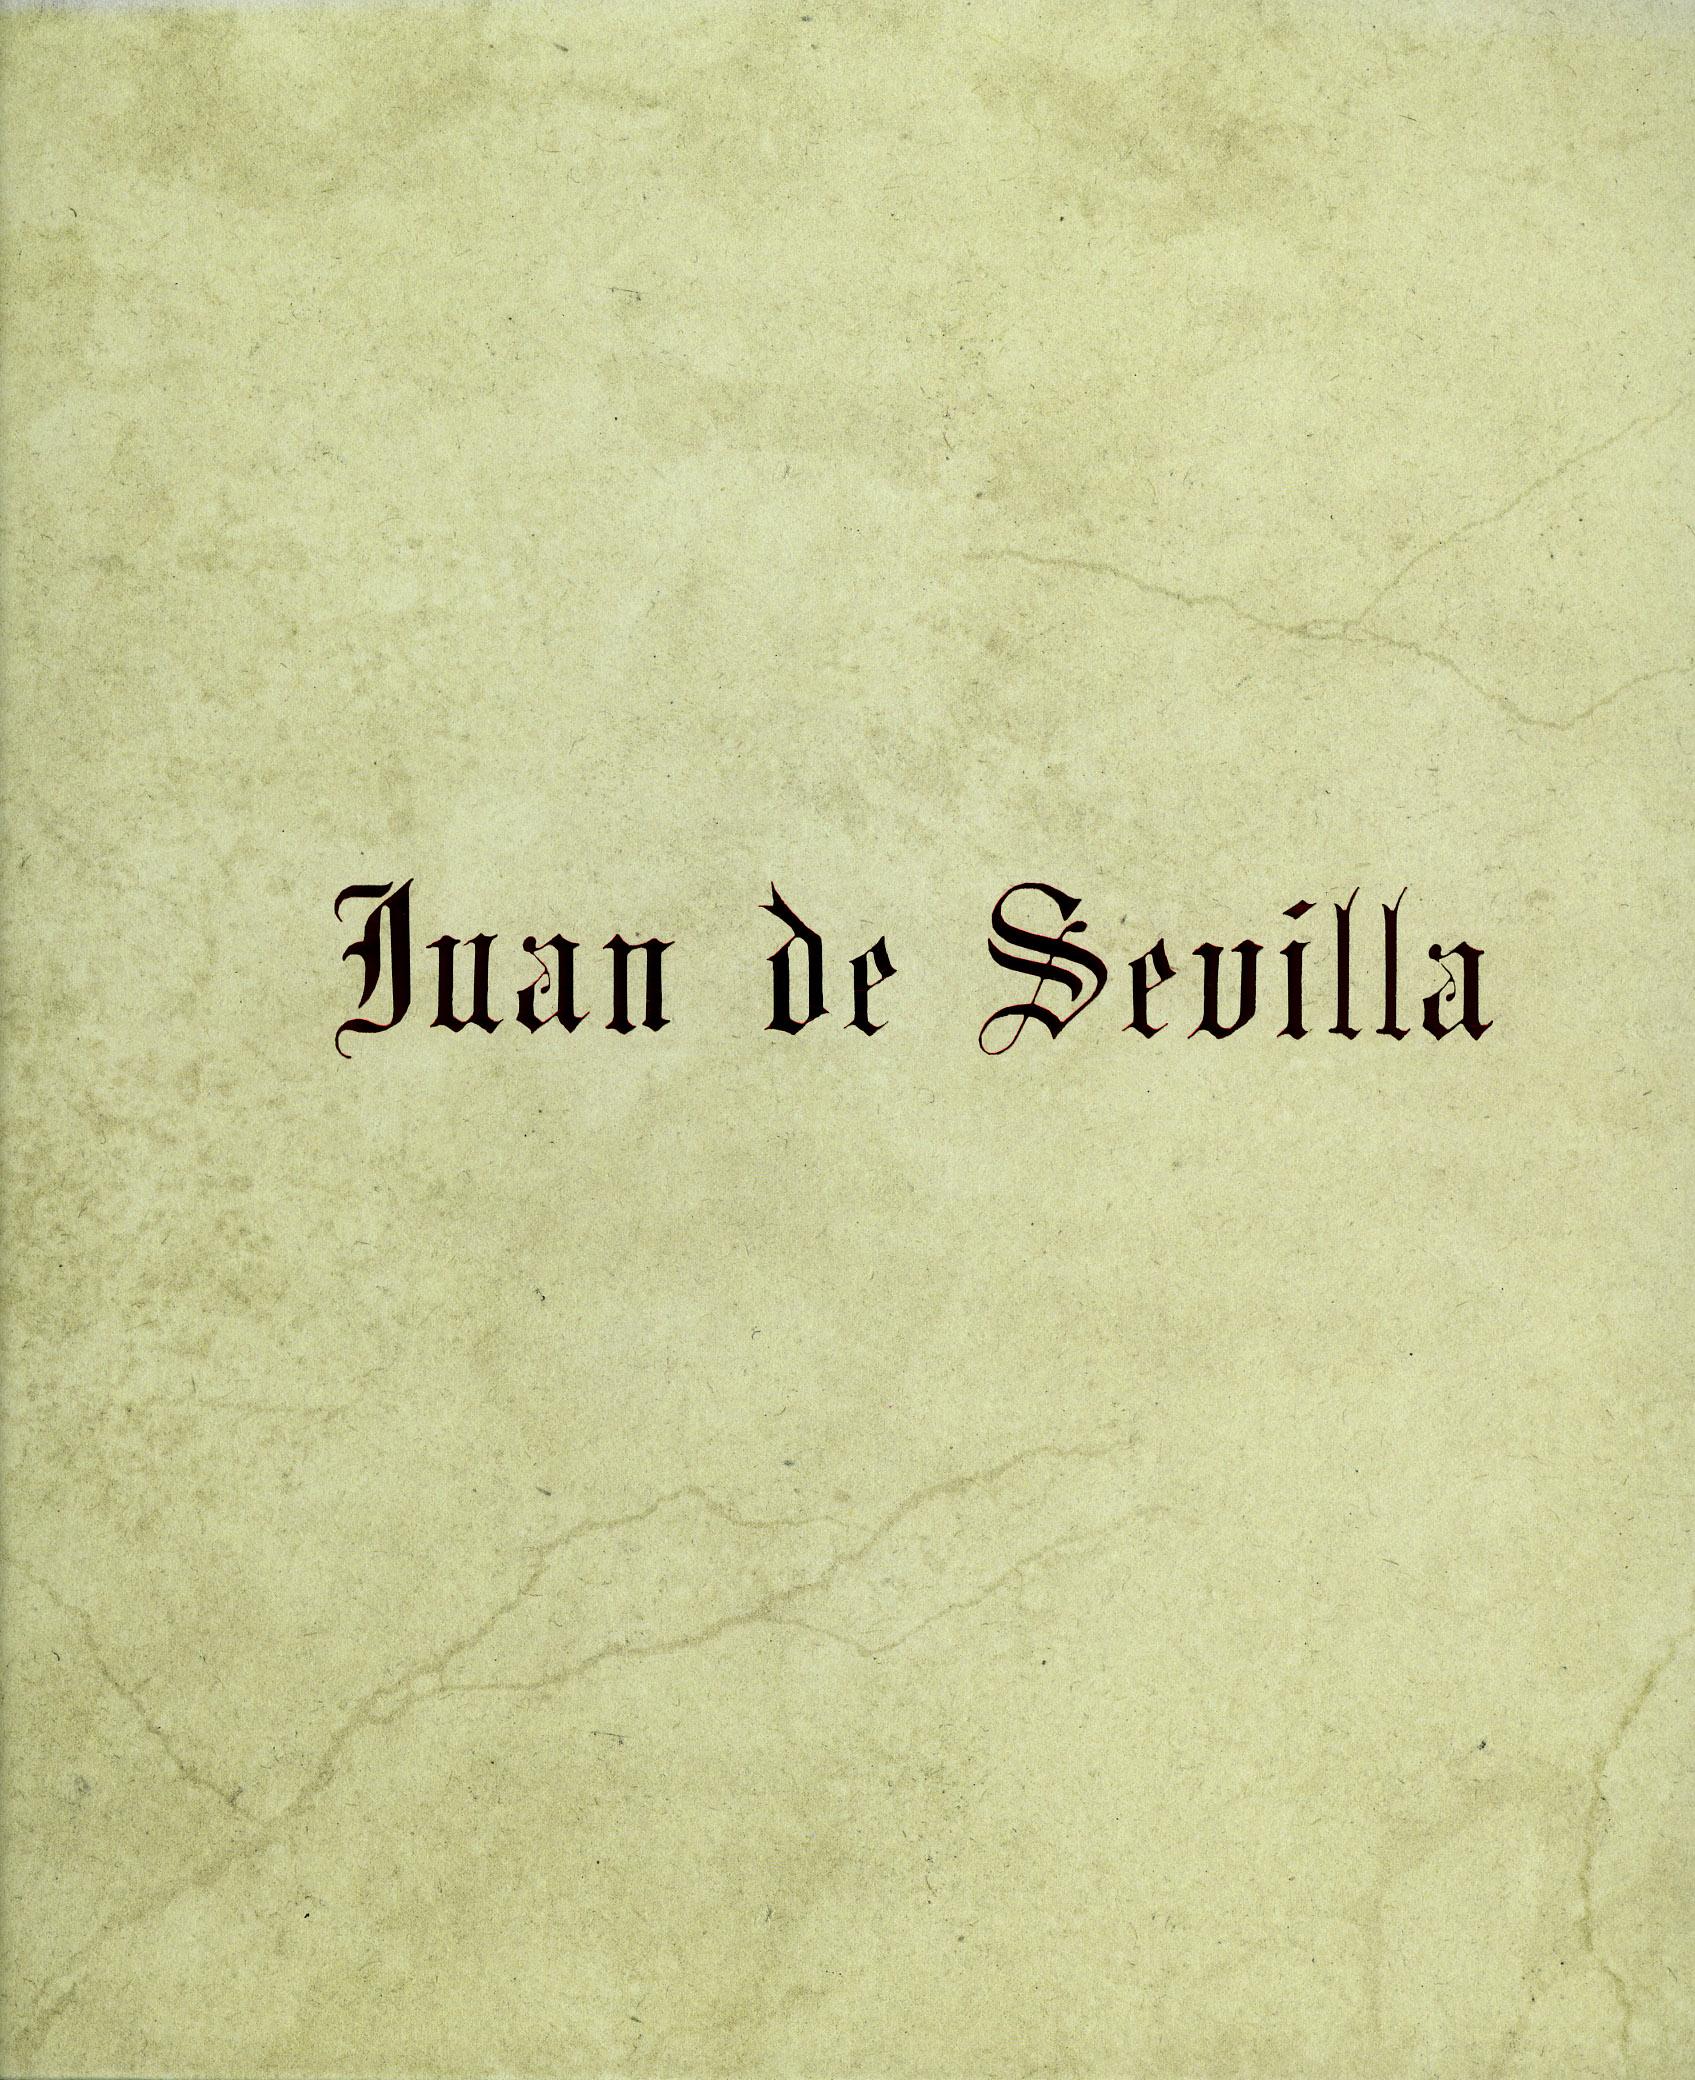 2015-Juan de Sevilla.